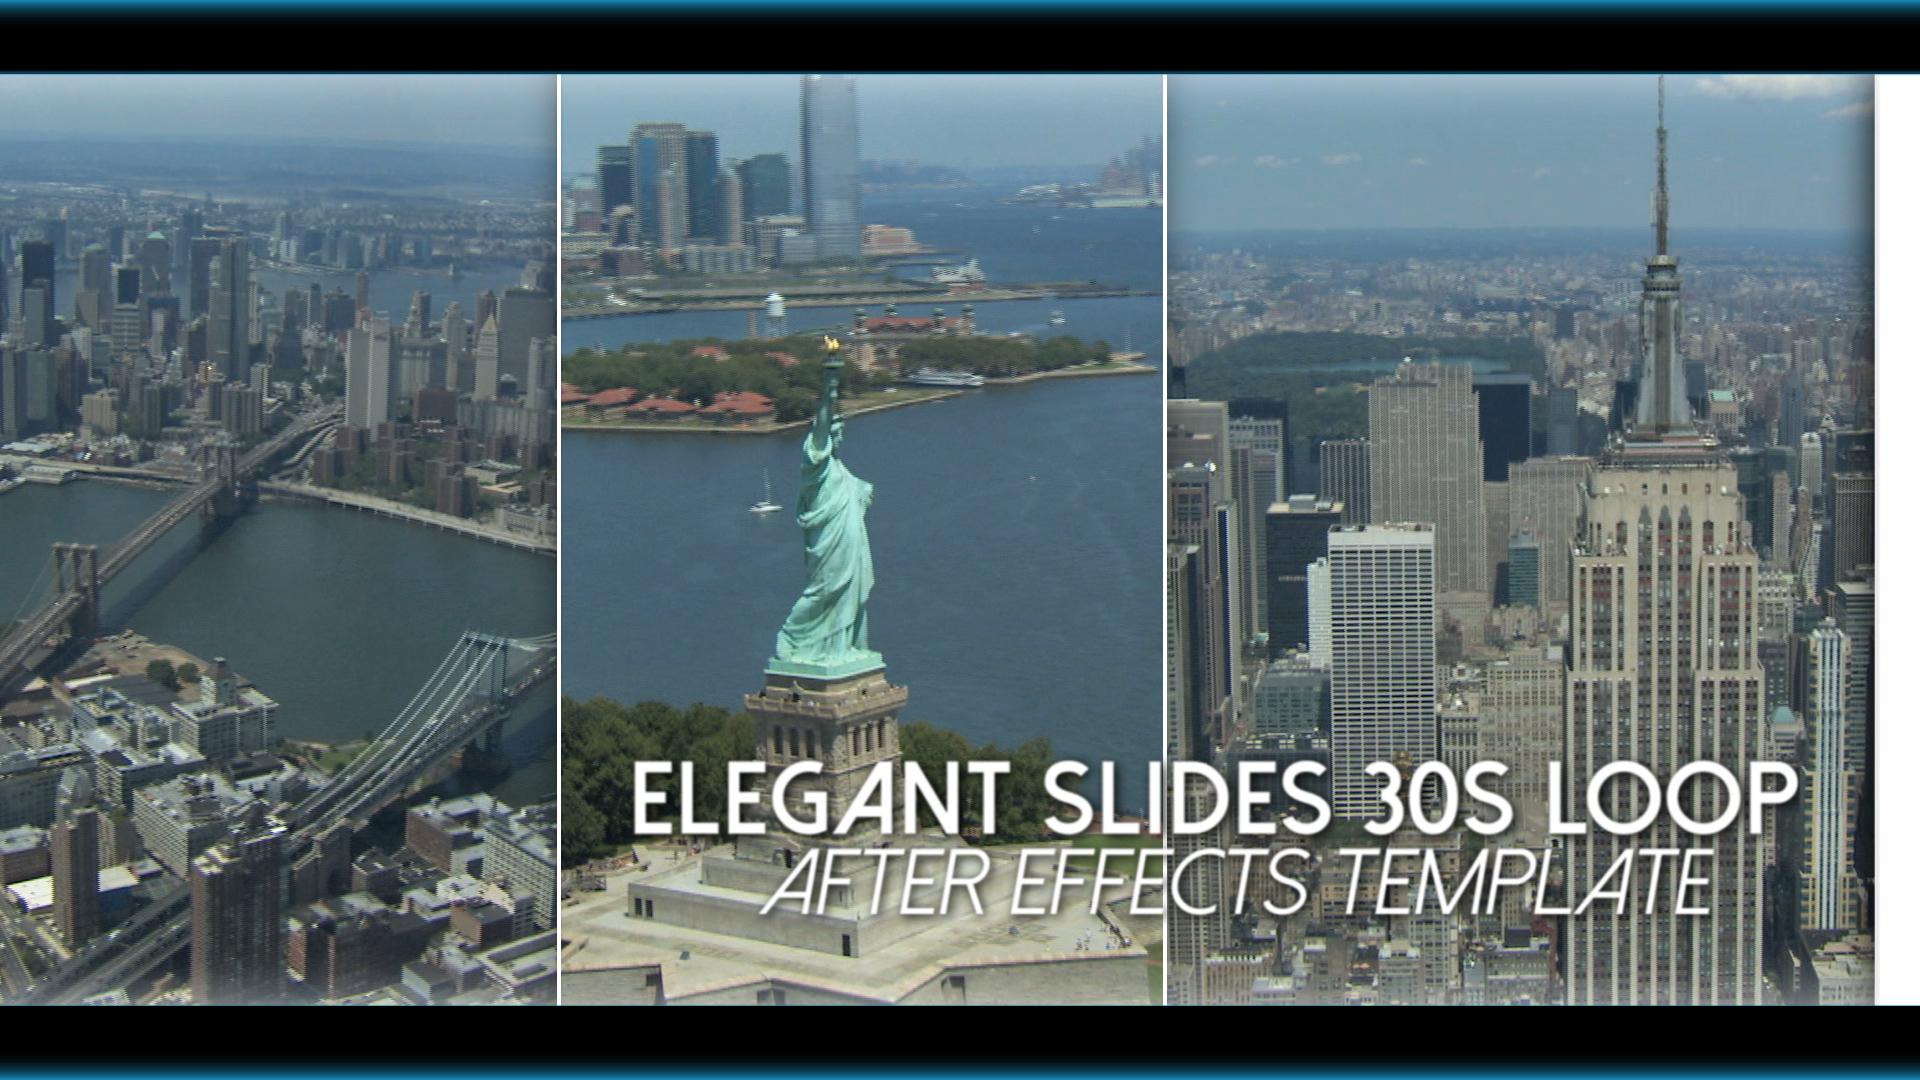 elegant slides 30s loop after effects template. Black Bedroom Furniture Sets. Home Design Ideas